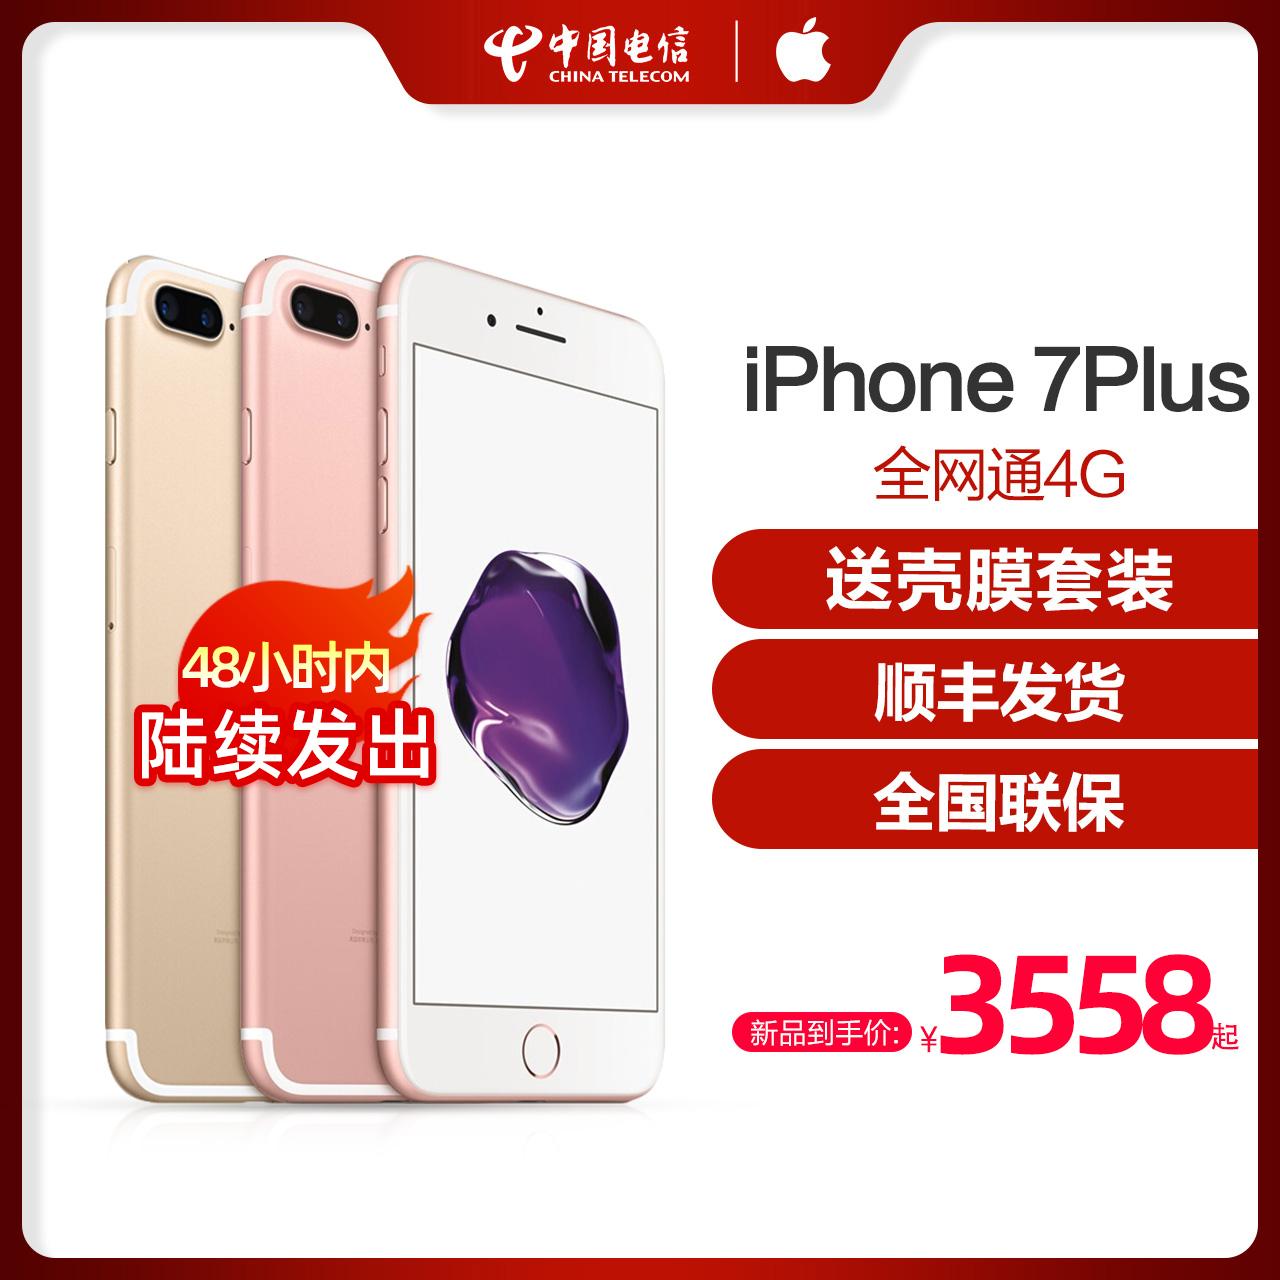 [顺丰送壳膜套装]Apple/苹果iPhone 7 Plus全网通手机128G苹果7P原装8p 6SP旗舰店官网全新11x